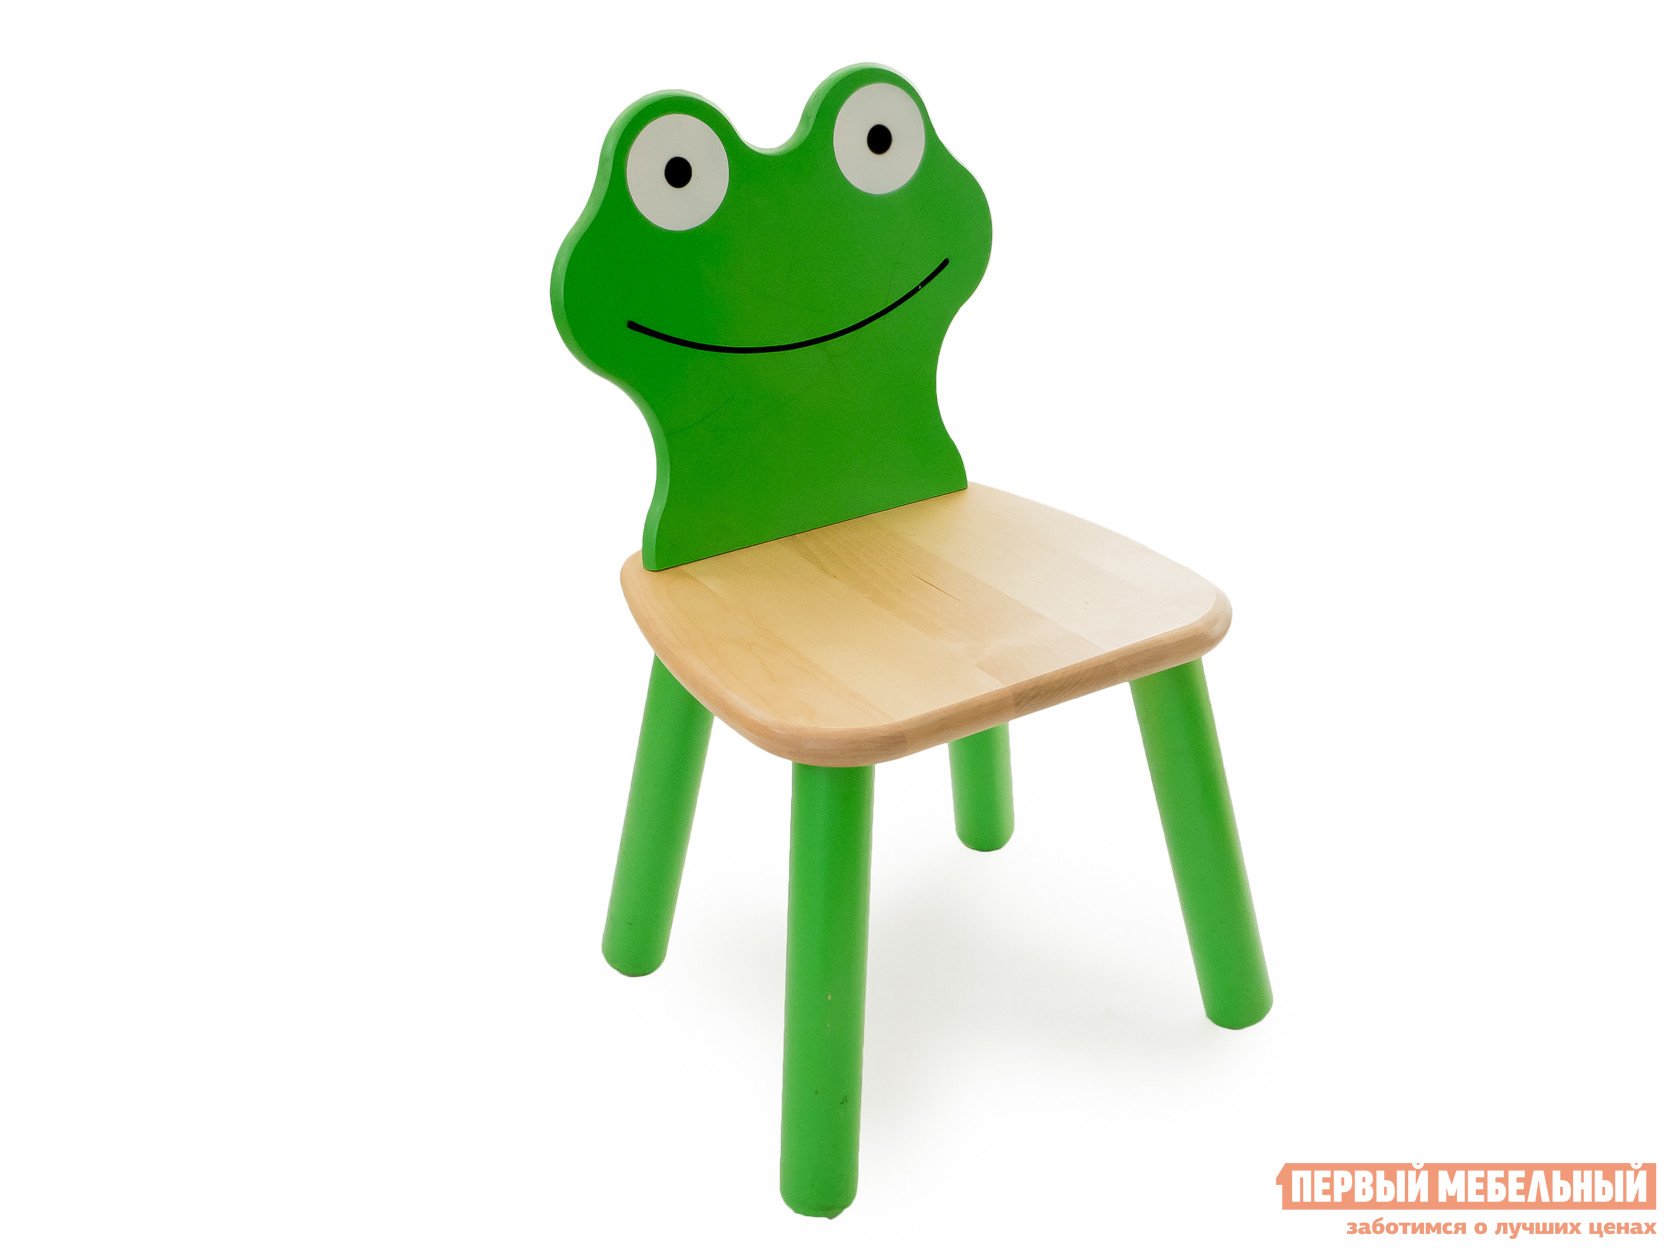 Столик и стульчик  Стул детский Лягушонок Ольха